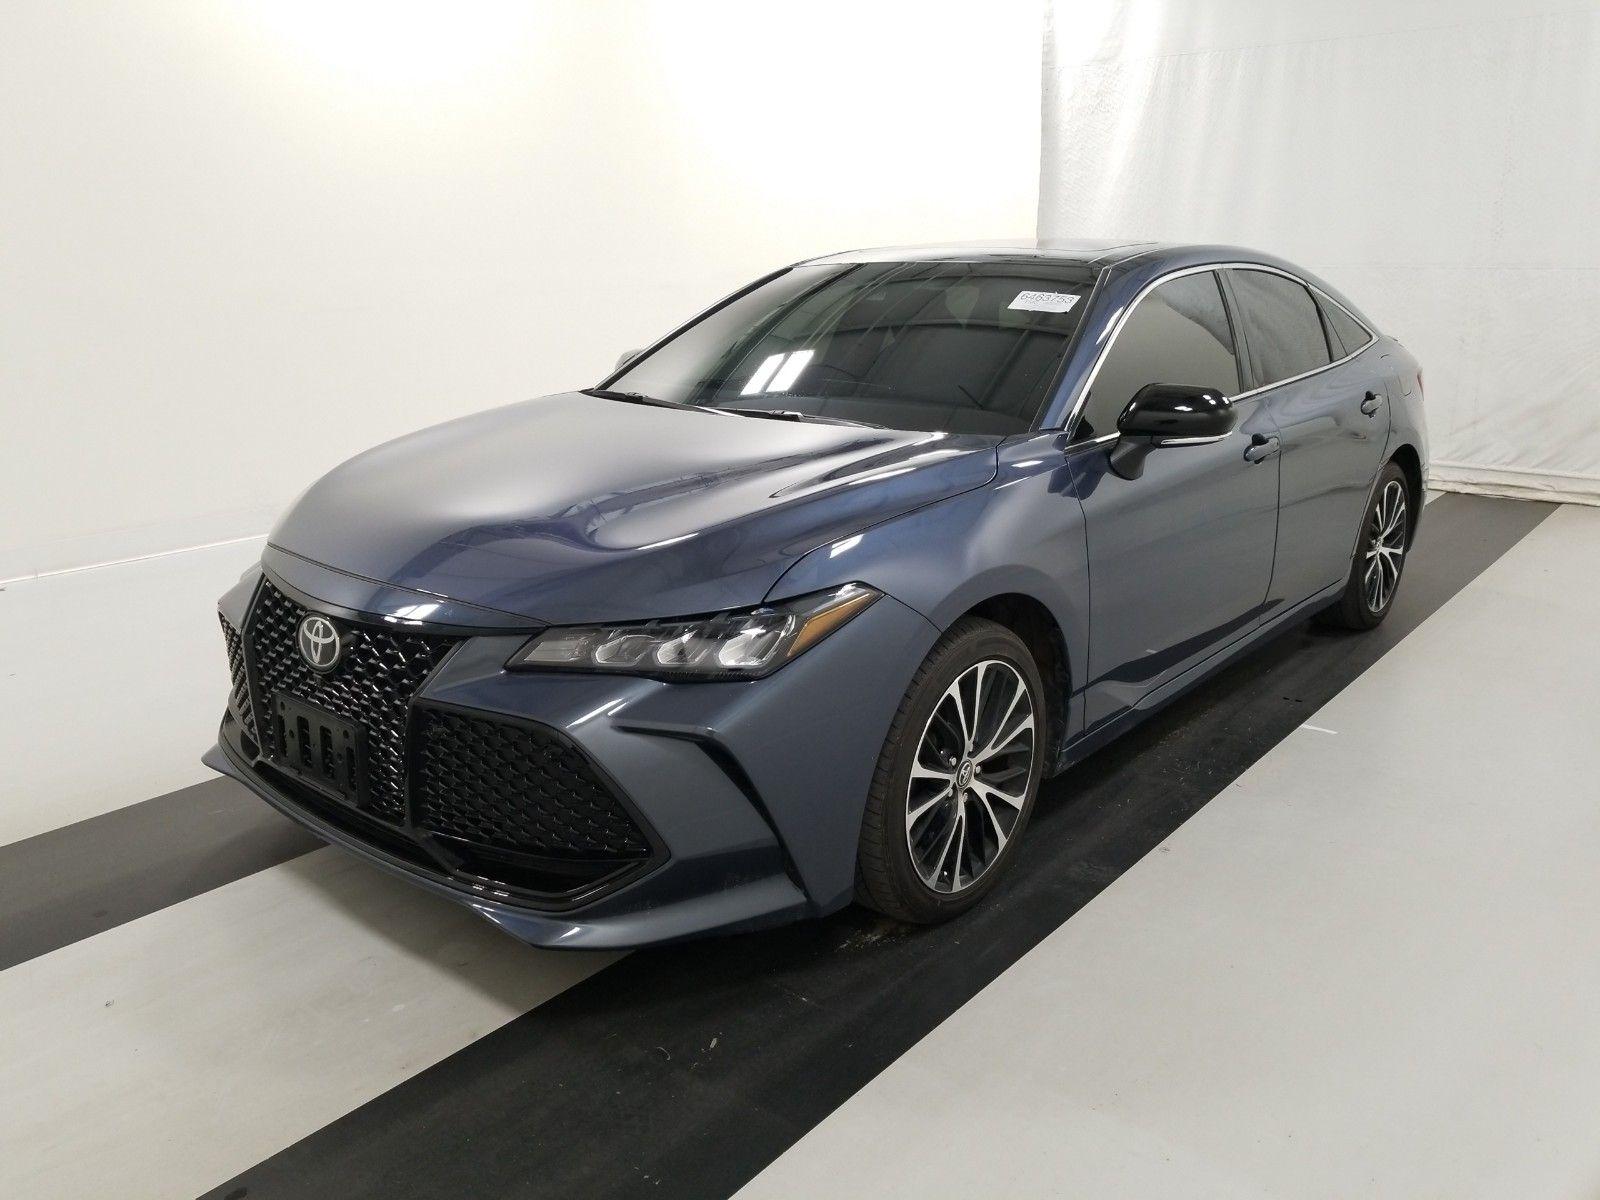 2019 Toyota Avalon 3.5. Lot 99921025782 Vin 4T1BZ1FB3KU025415